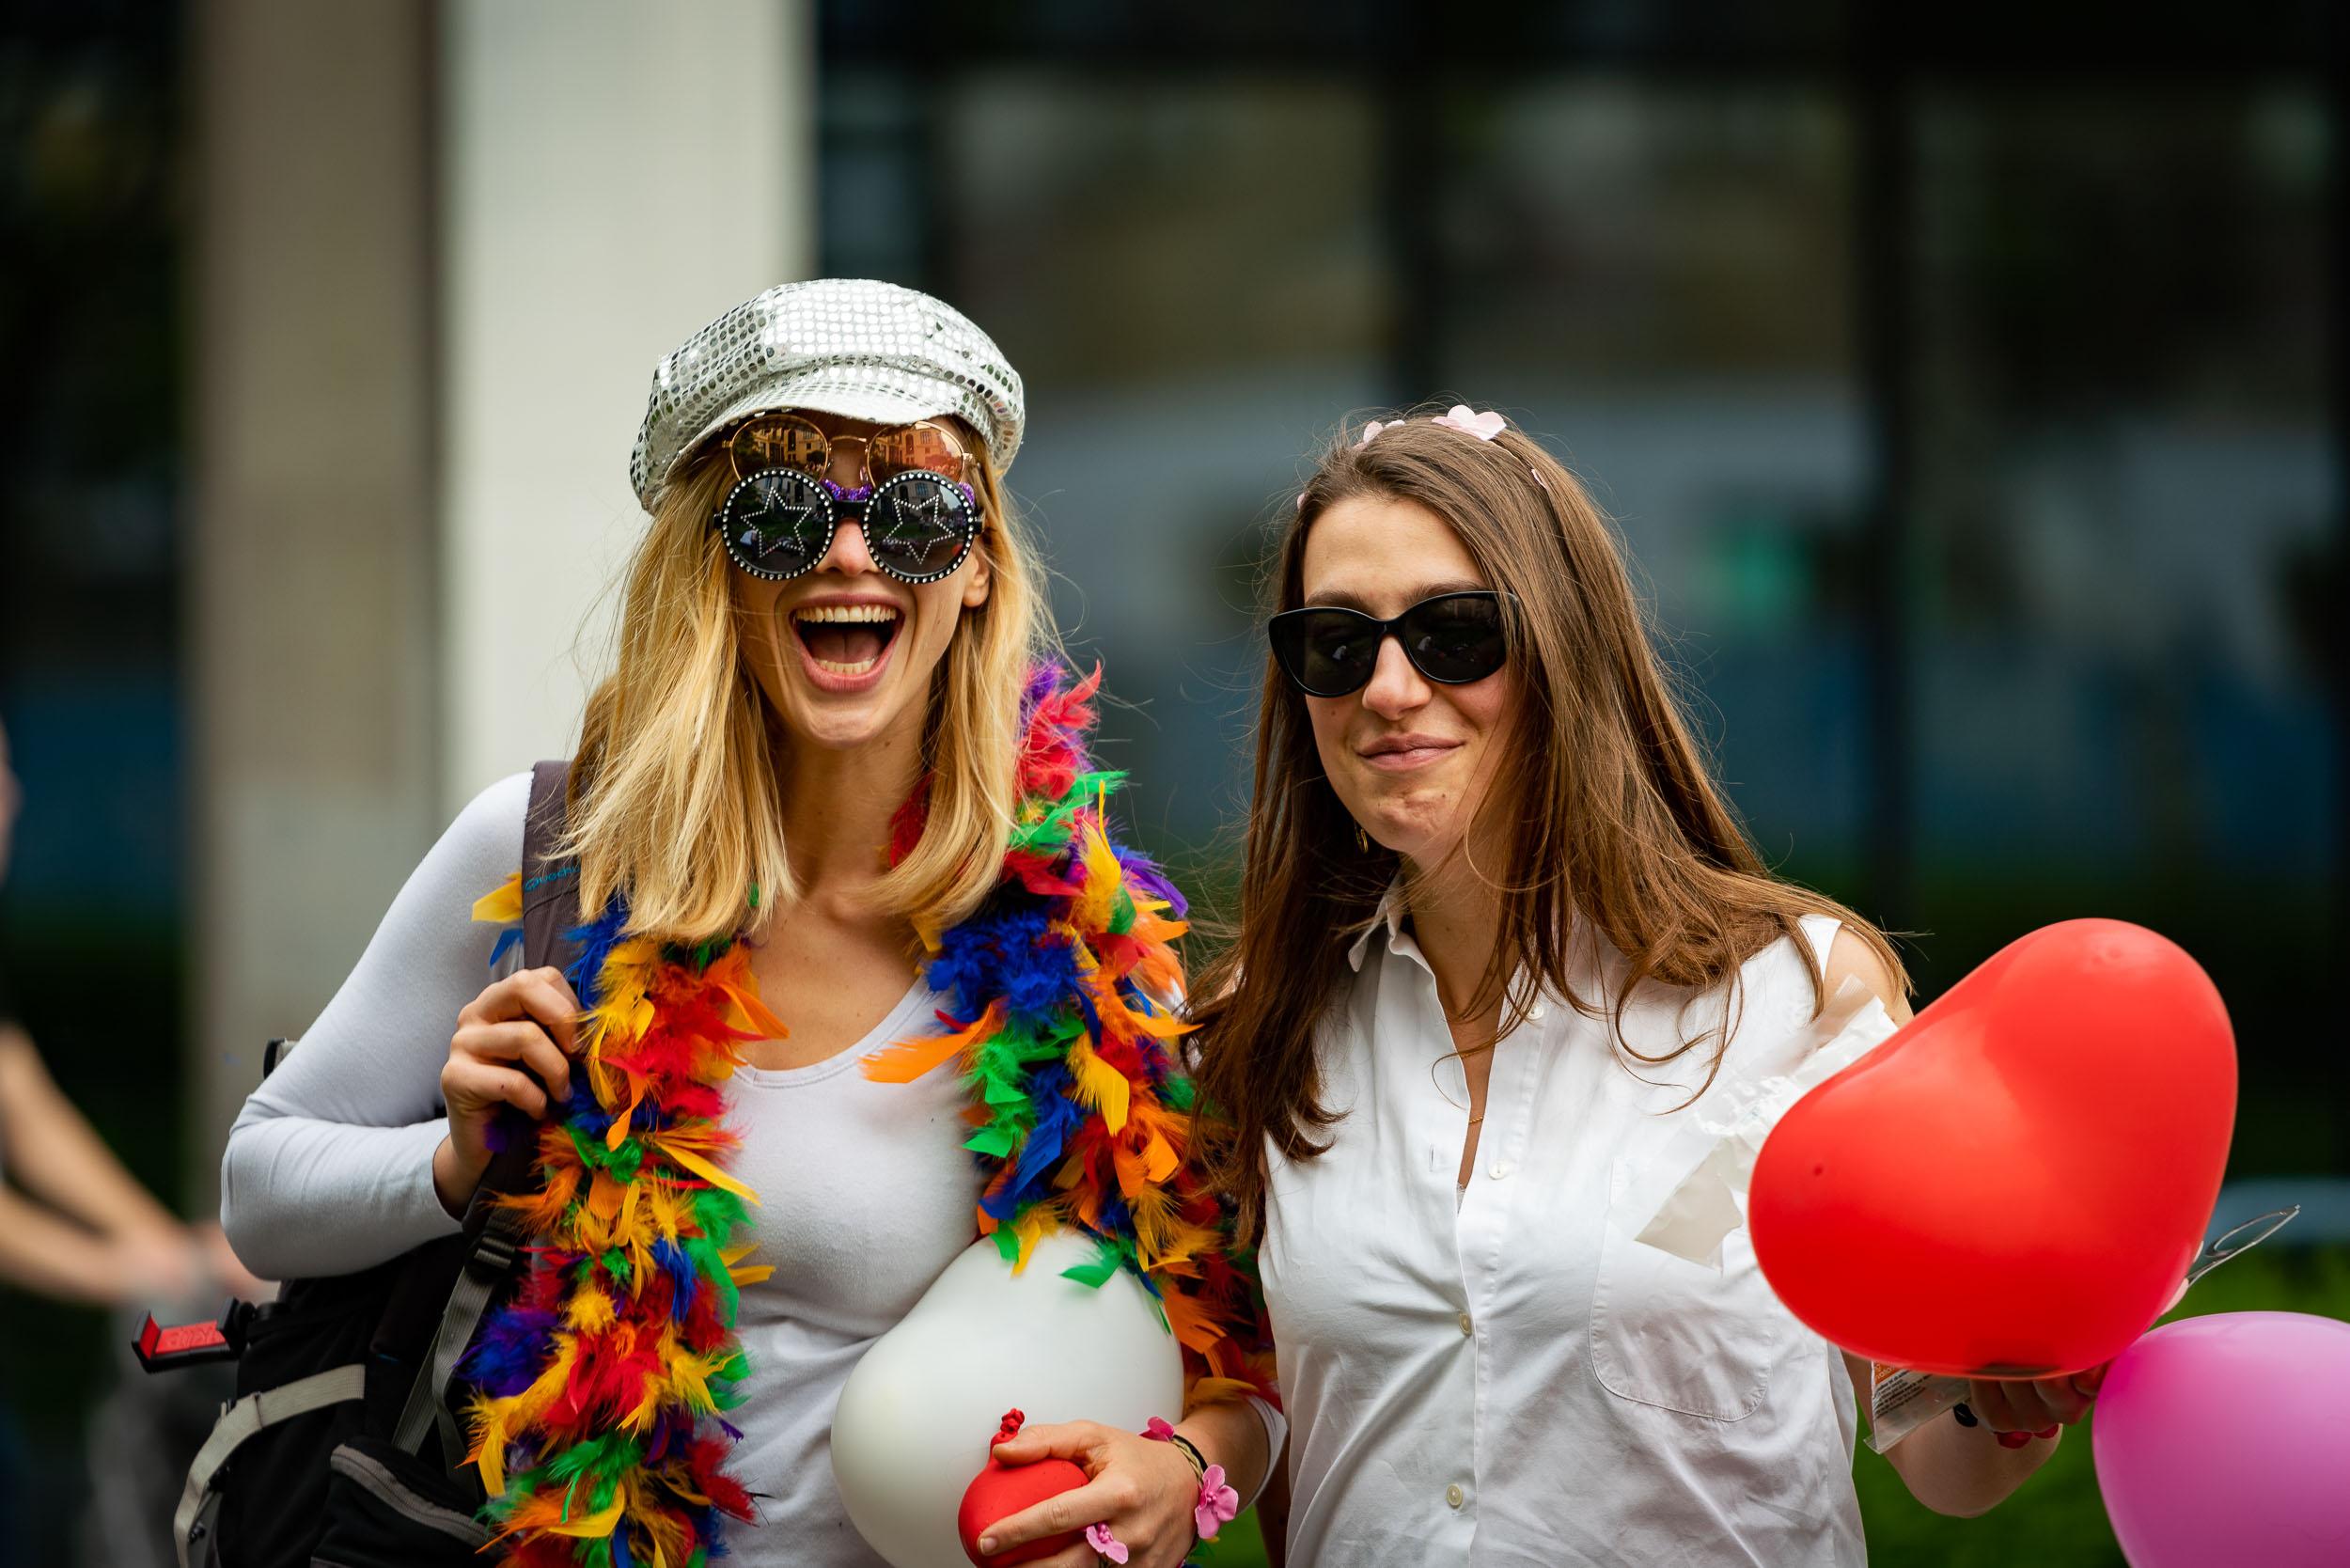 Bachelor Party, EVJF, in Namur